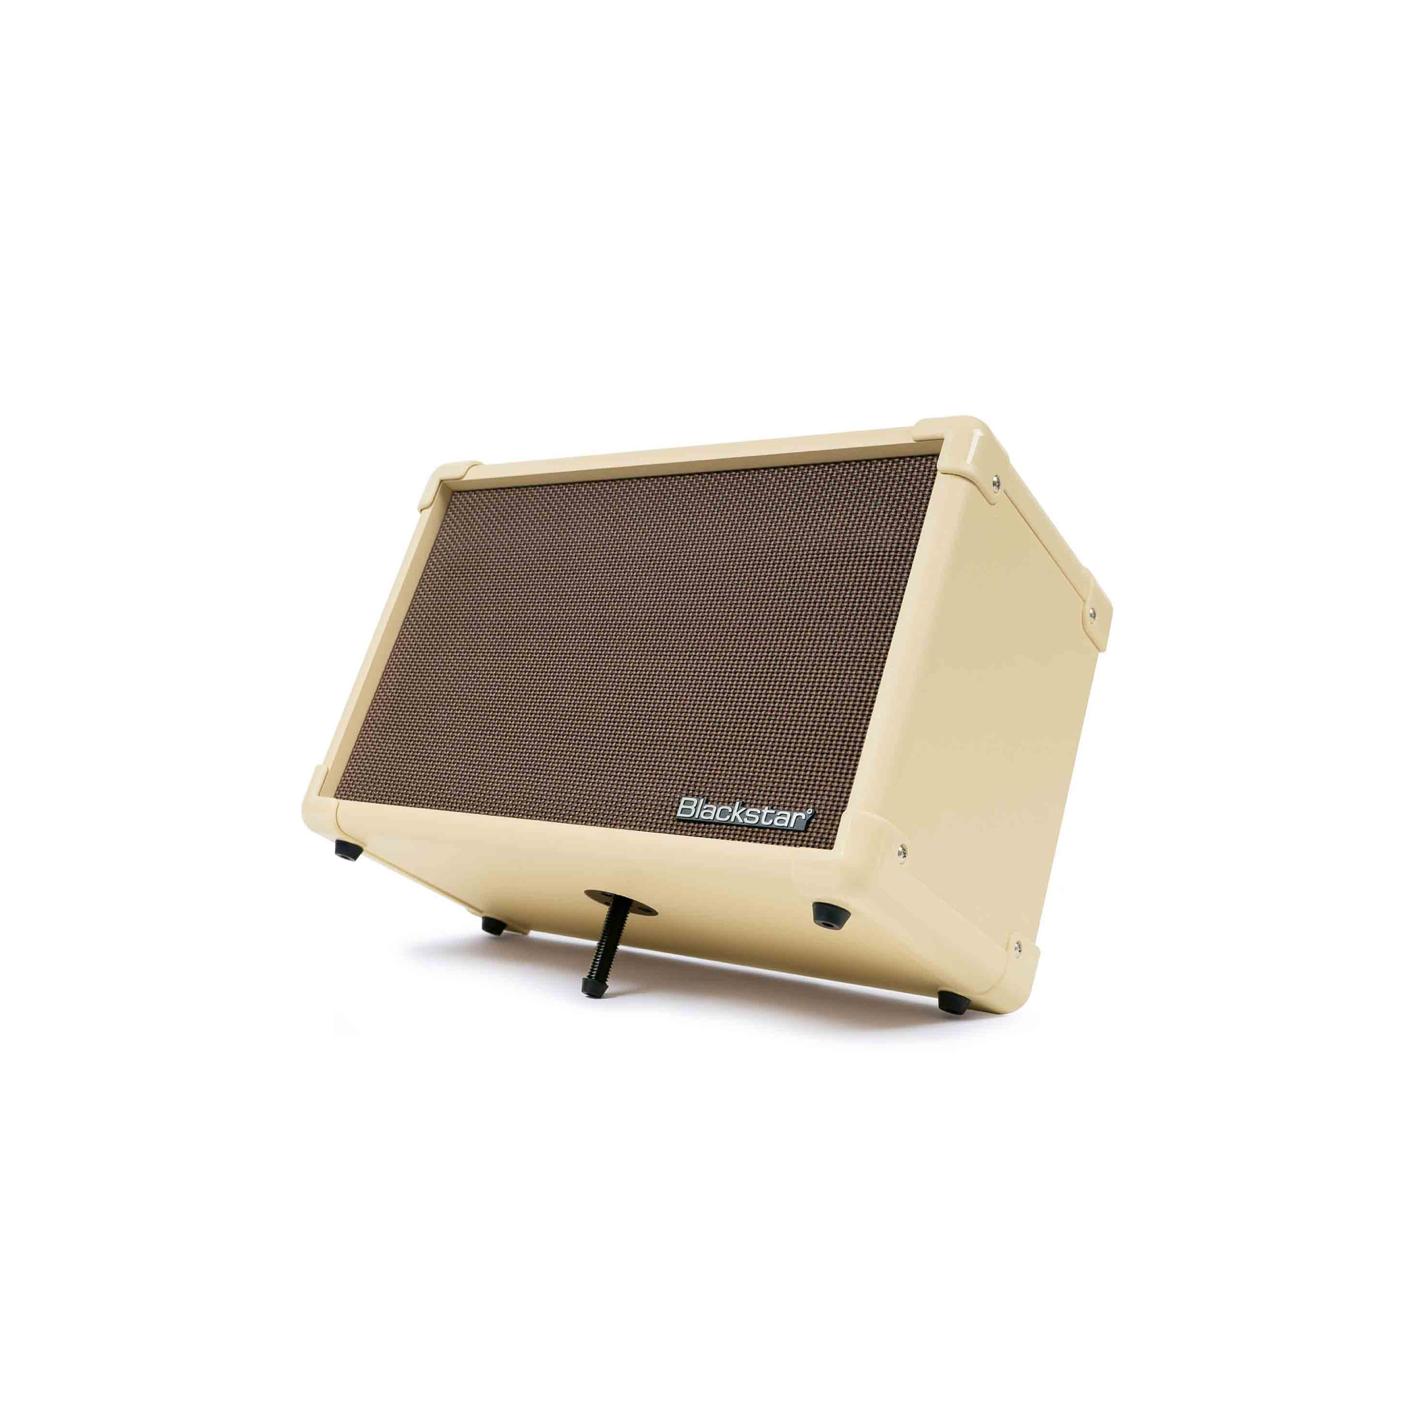 Blackstar Acoustic Core 30 Acoustic Amp